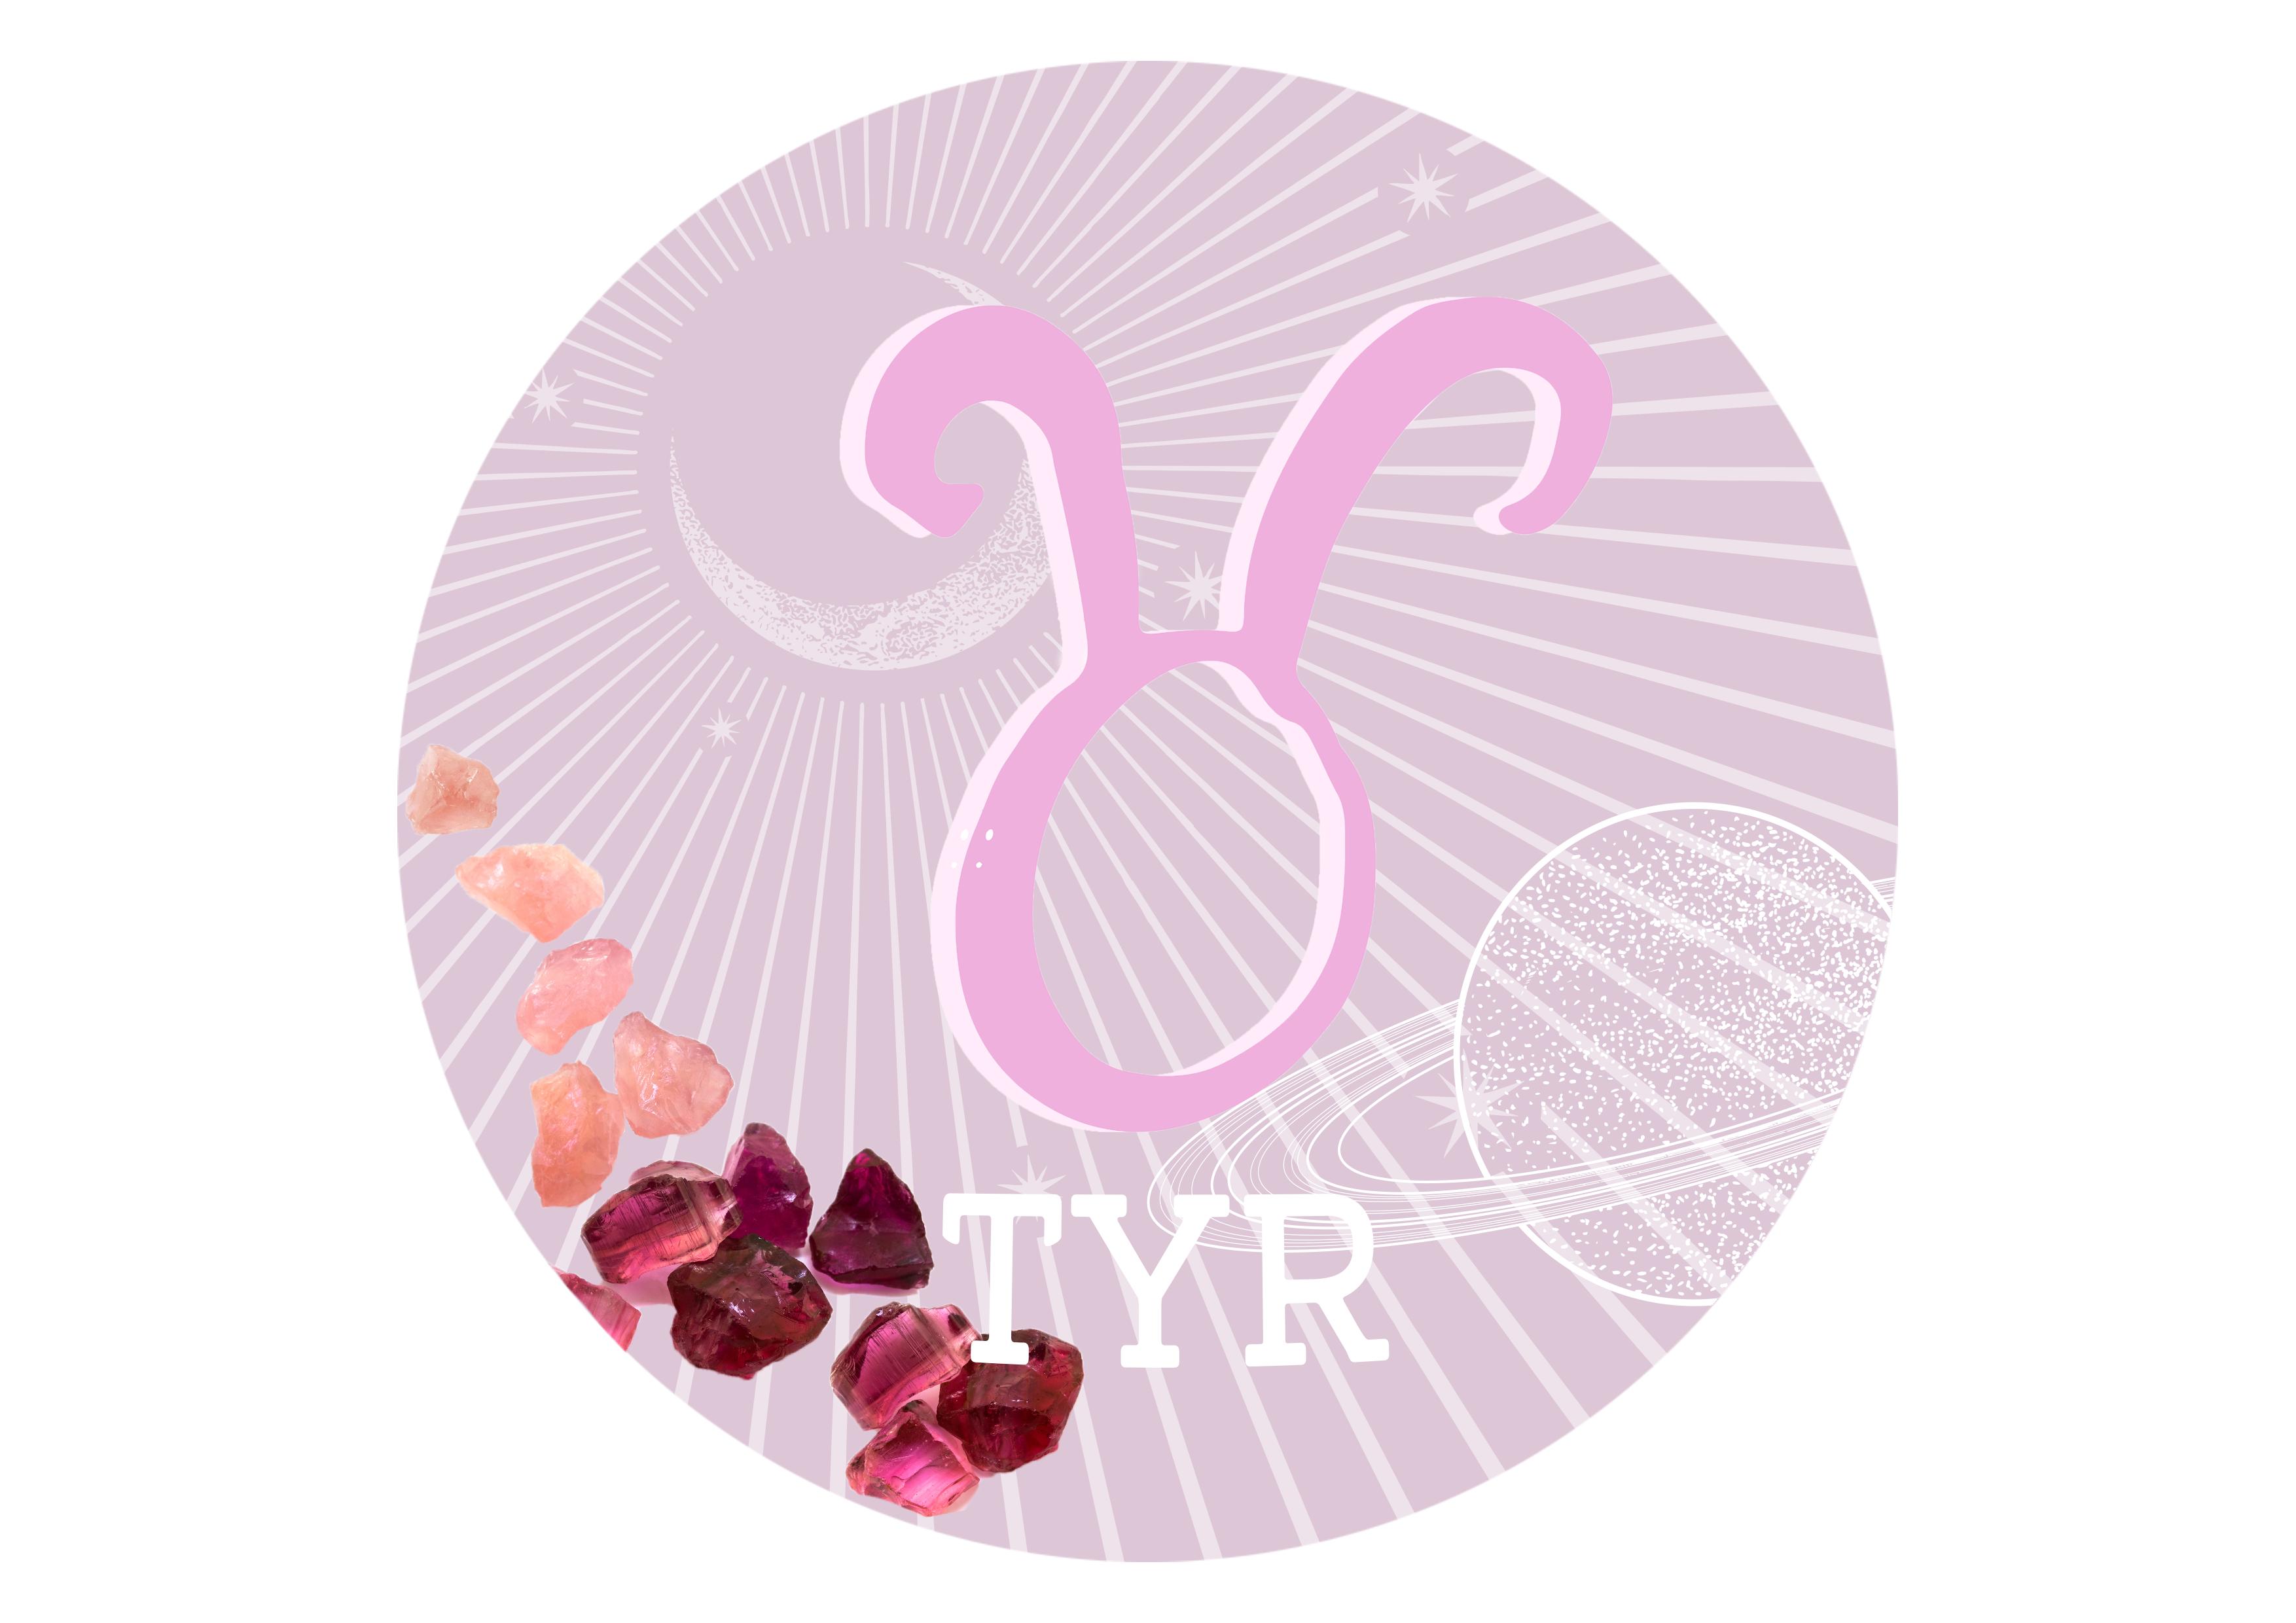 Horoskop tyren